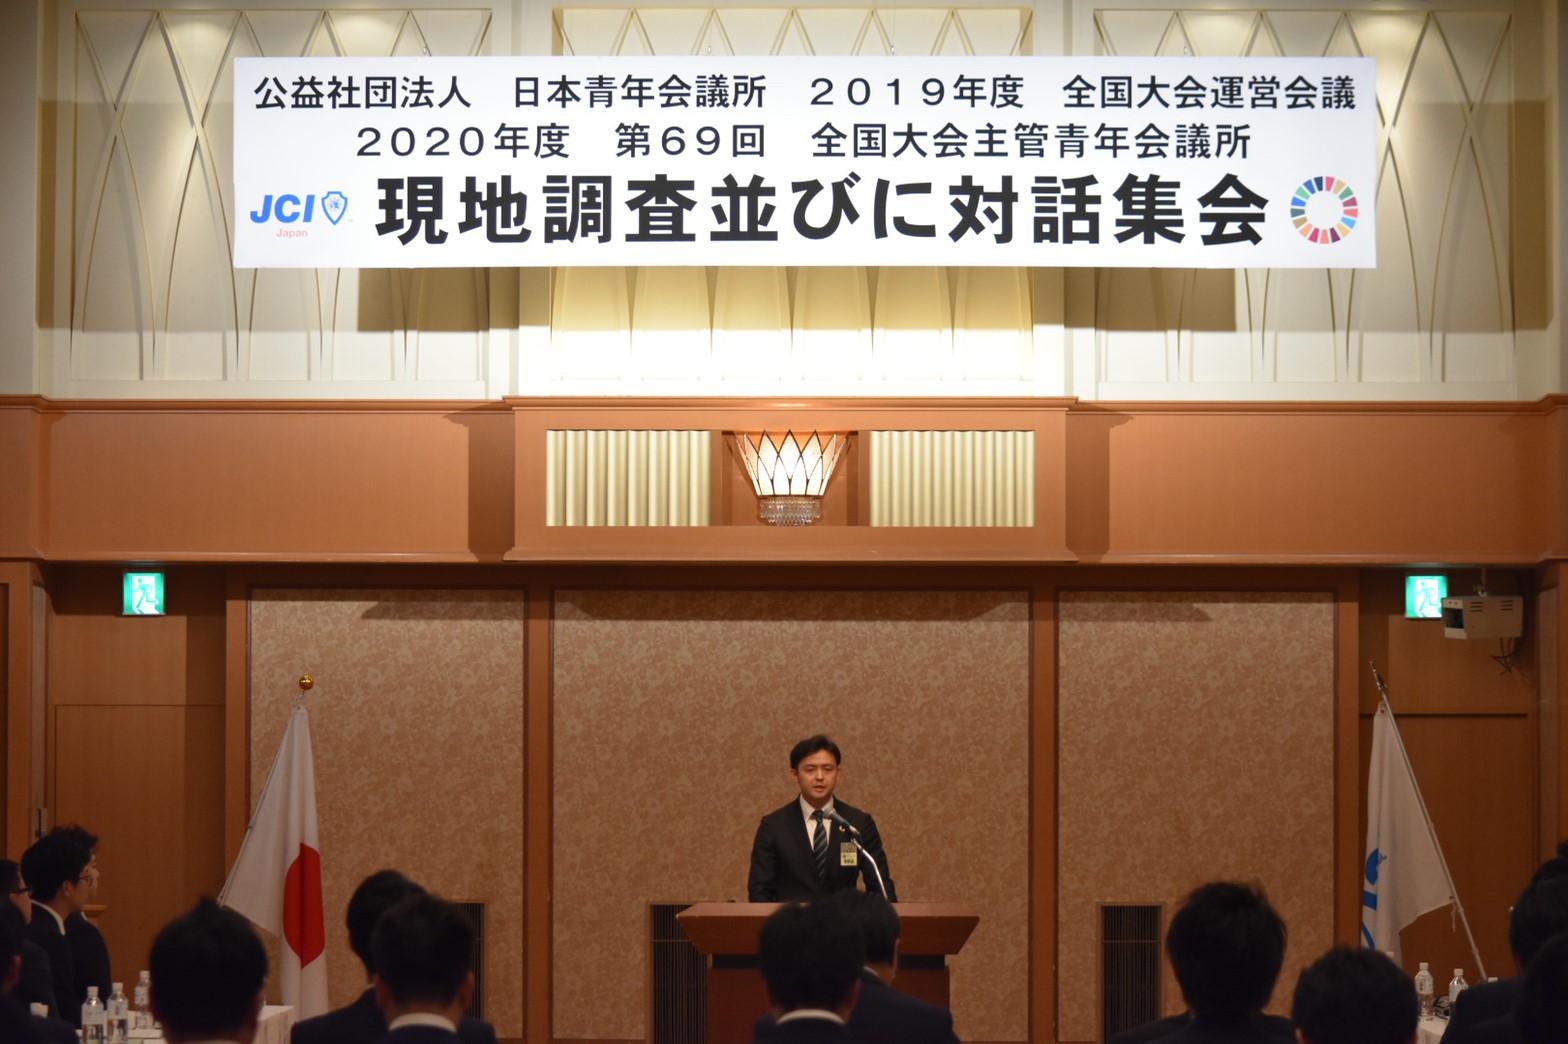 2020年度第69回北海道札幌大会現地調査並びに対話集会 開催報告